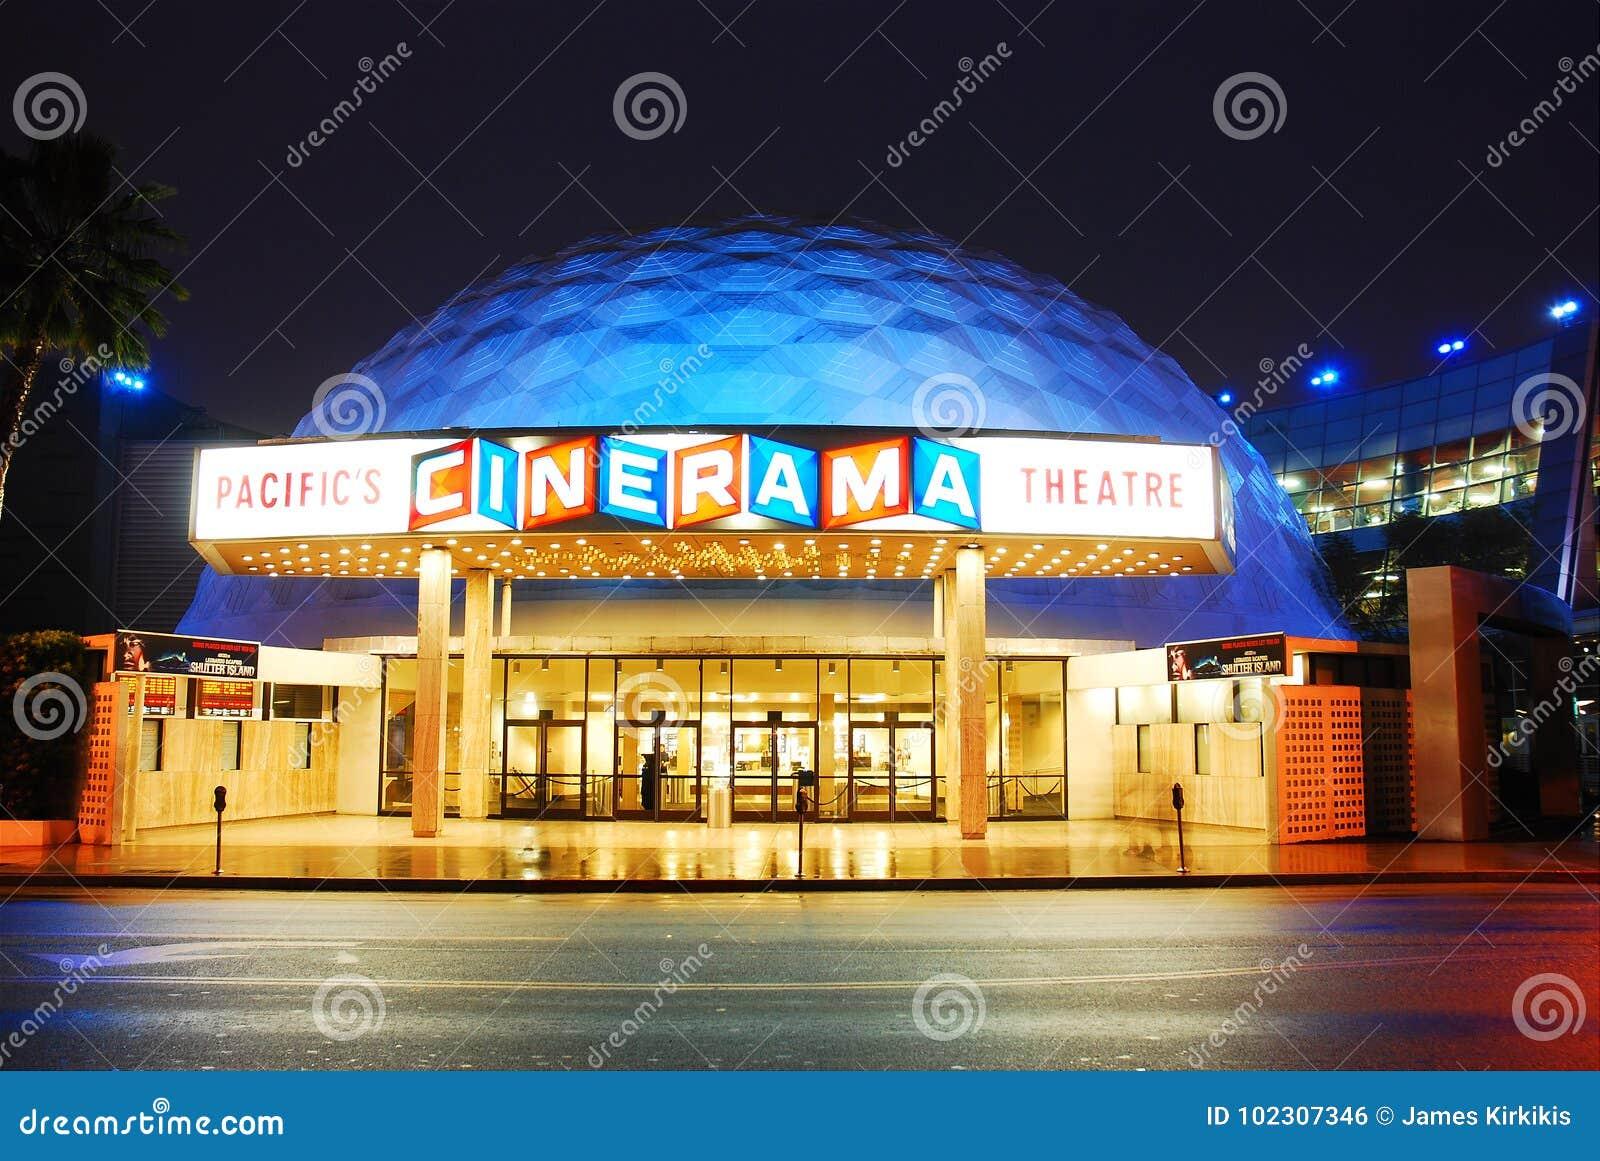 立体声宽银幕电影,和平的剧院